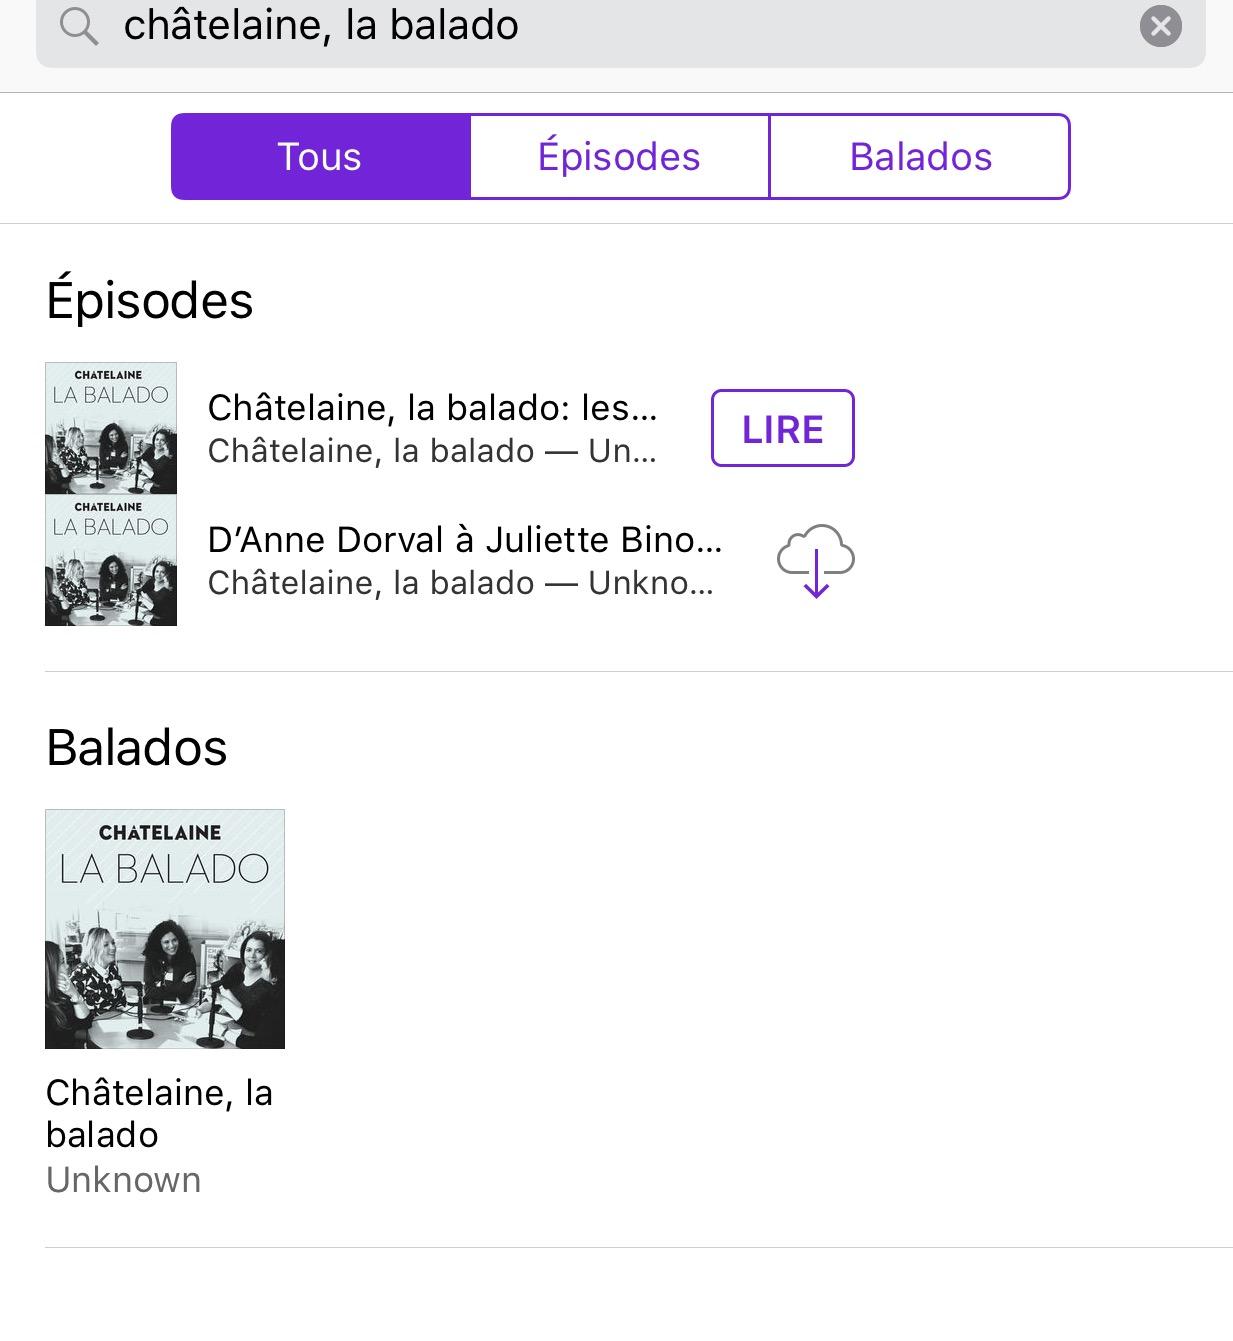 châtelaine balado podcast